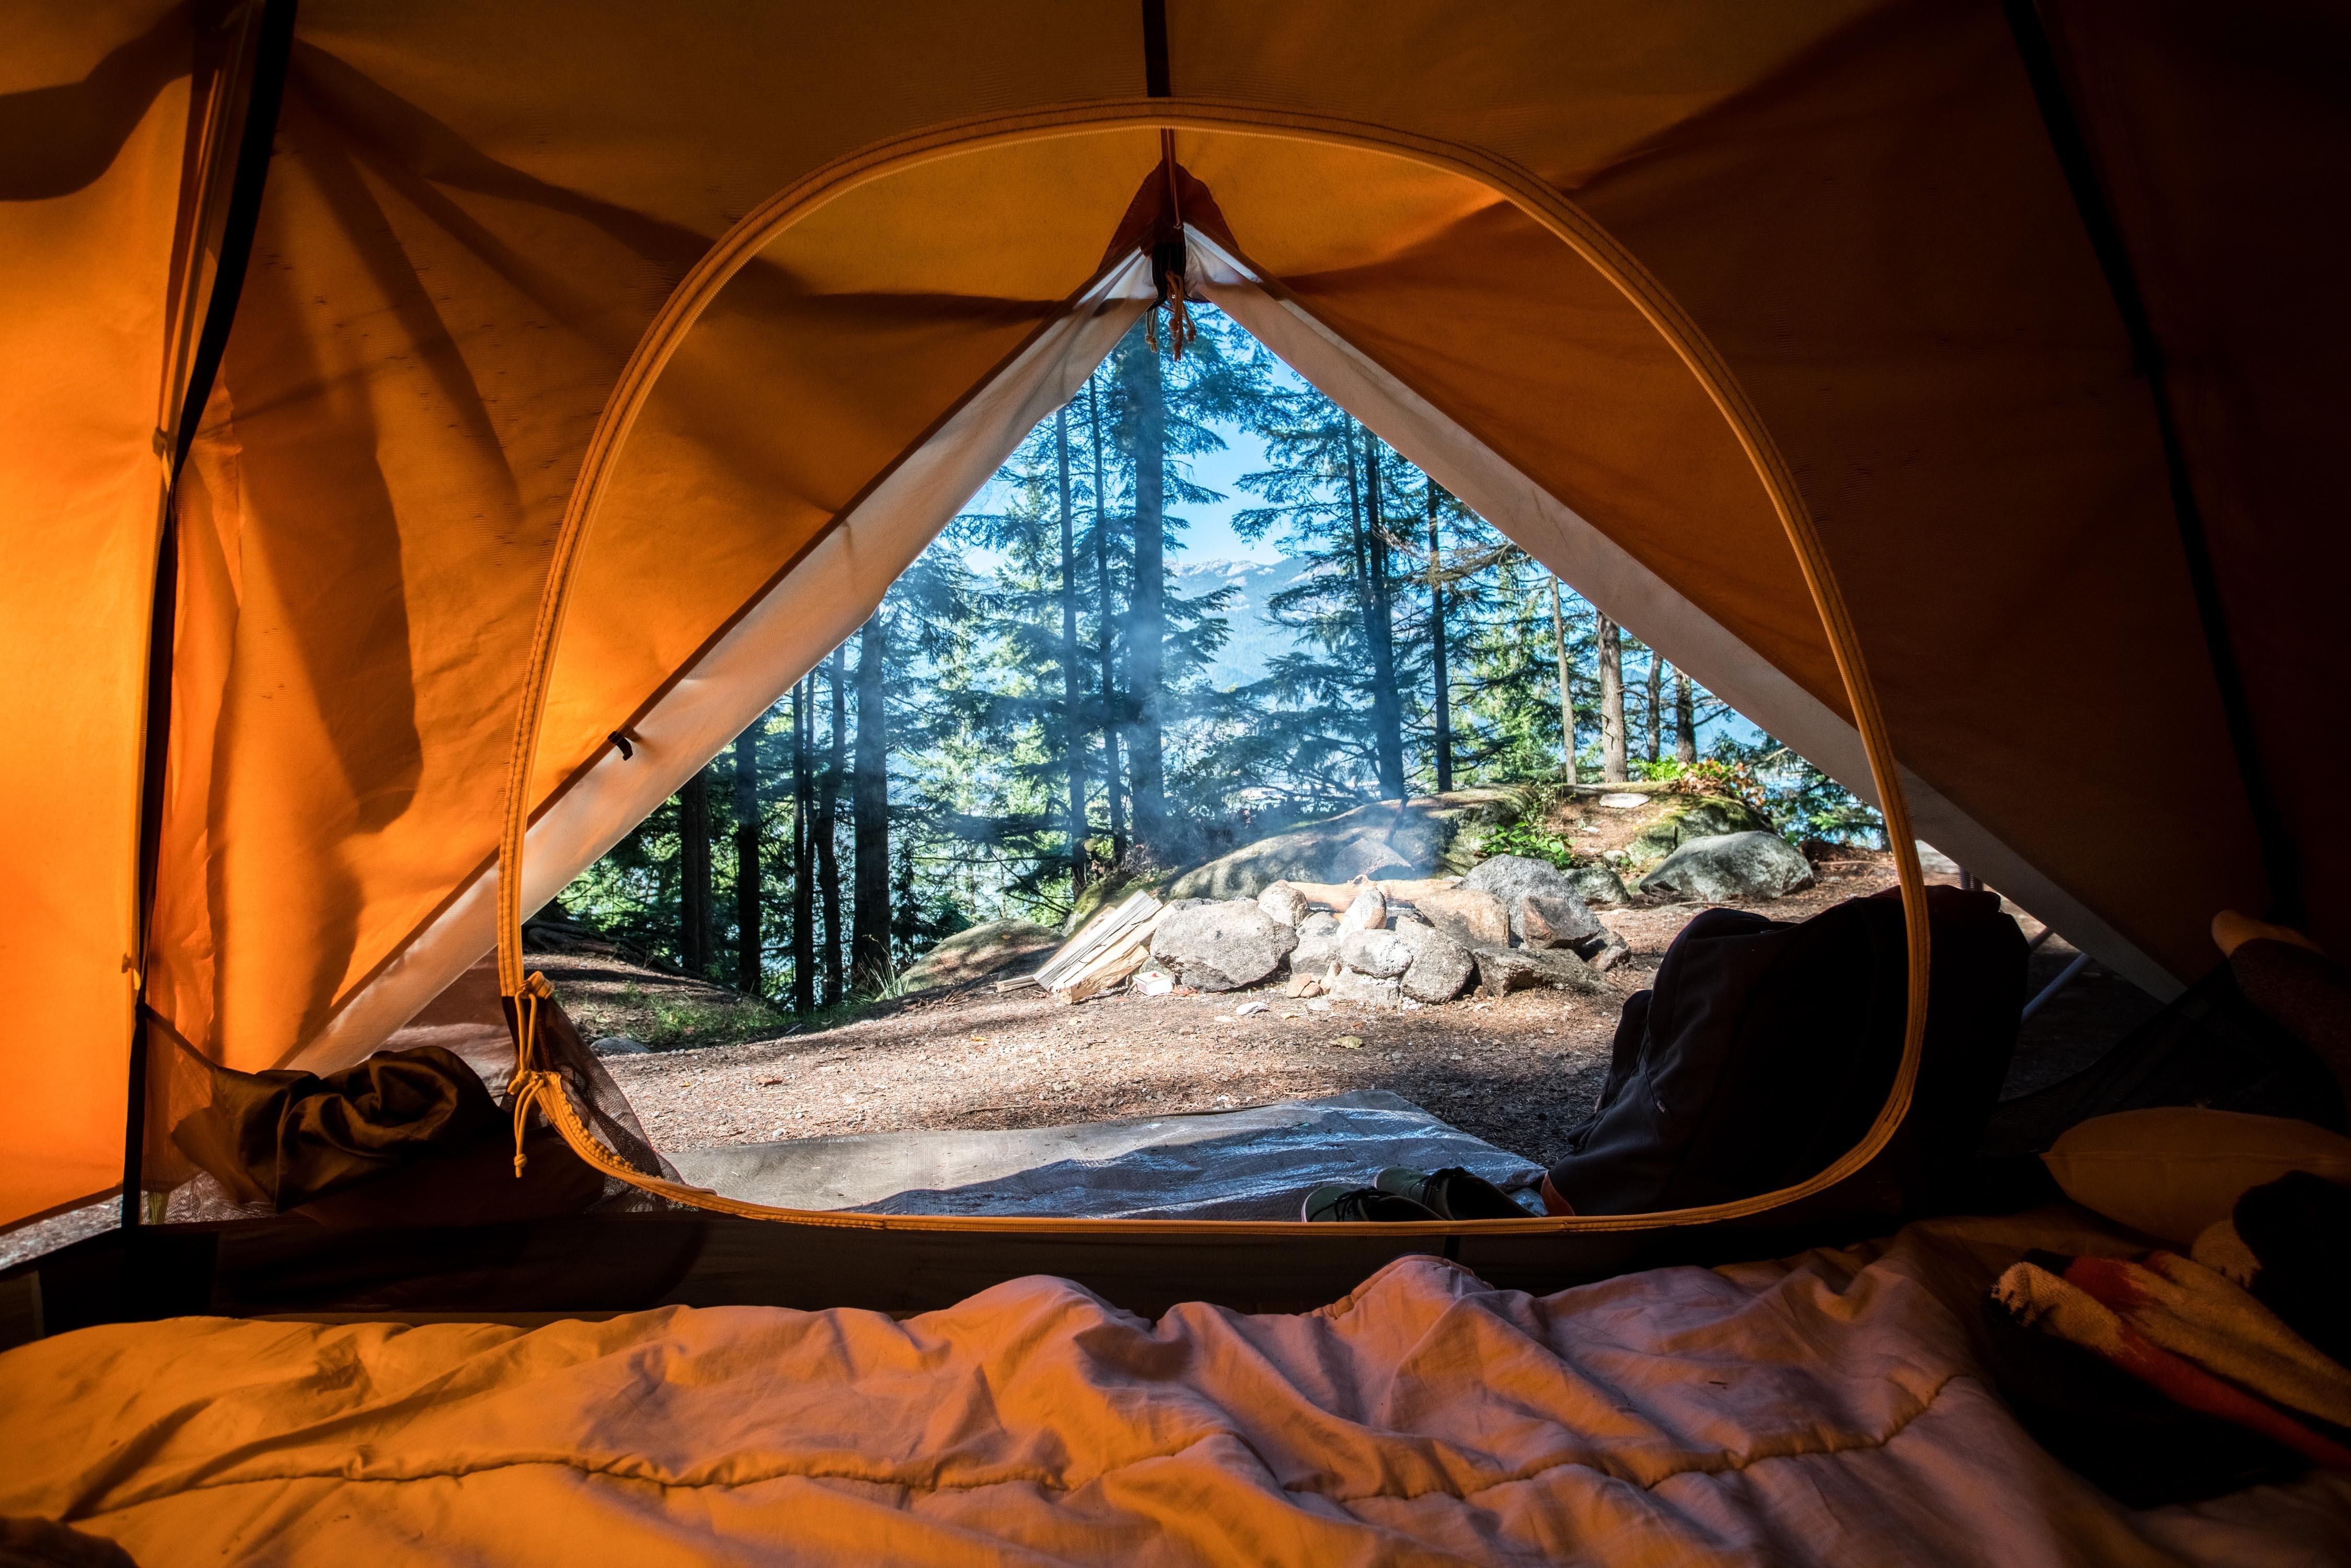 【千葉】森のまきばオートキャンプ場は開放感抜群!周辺のスポットも紹介!